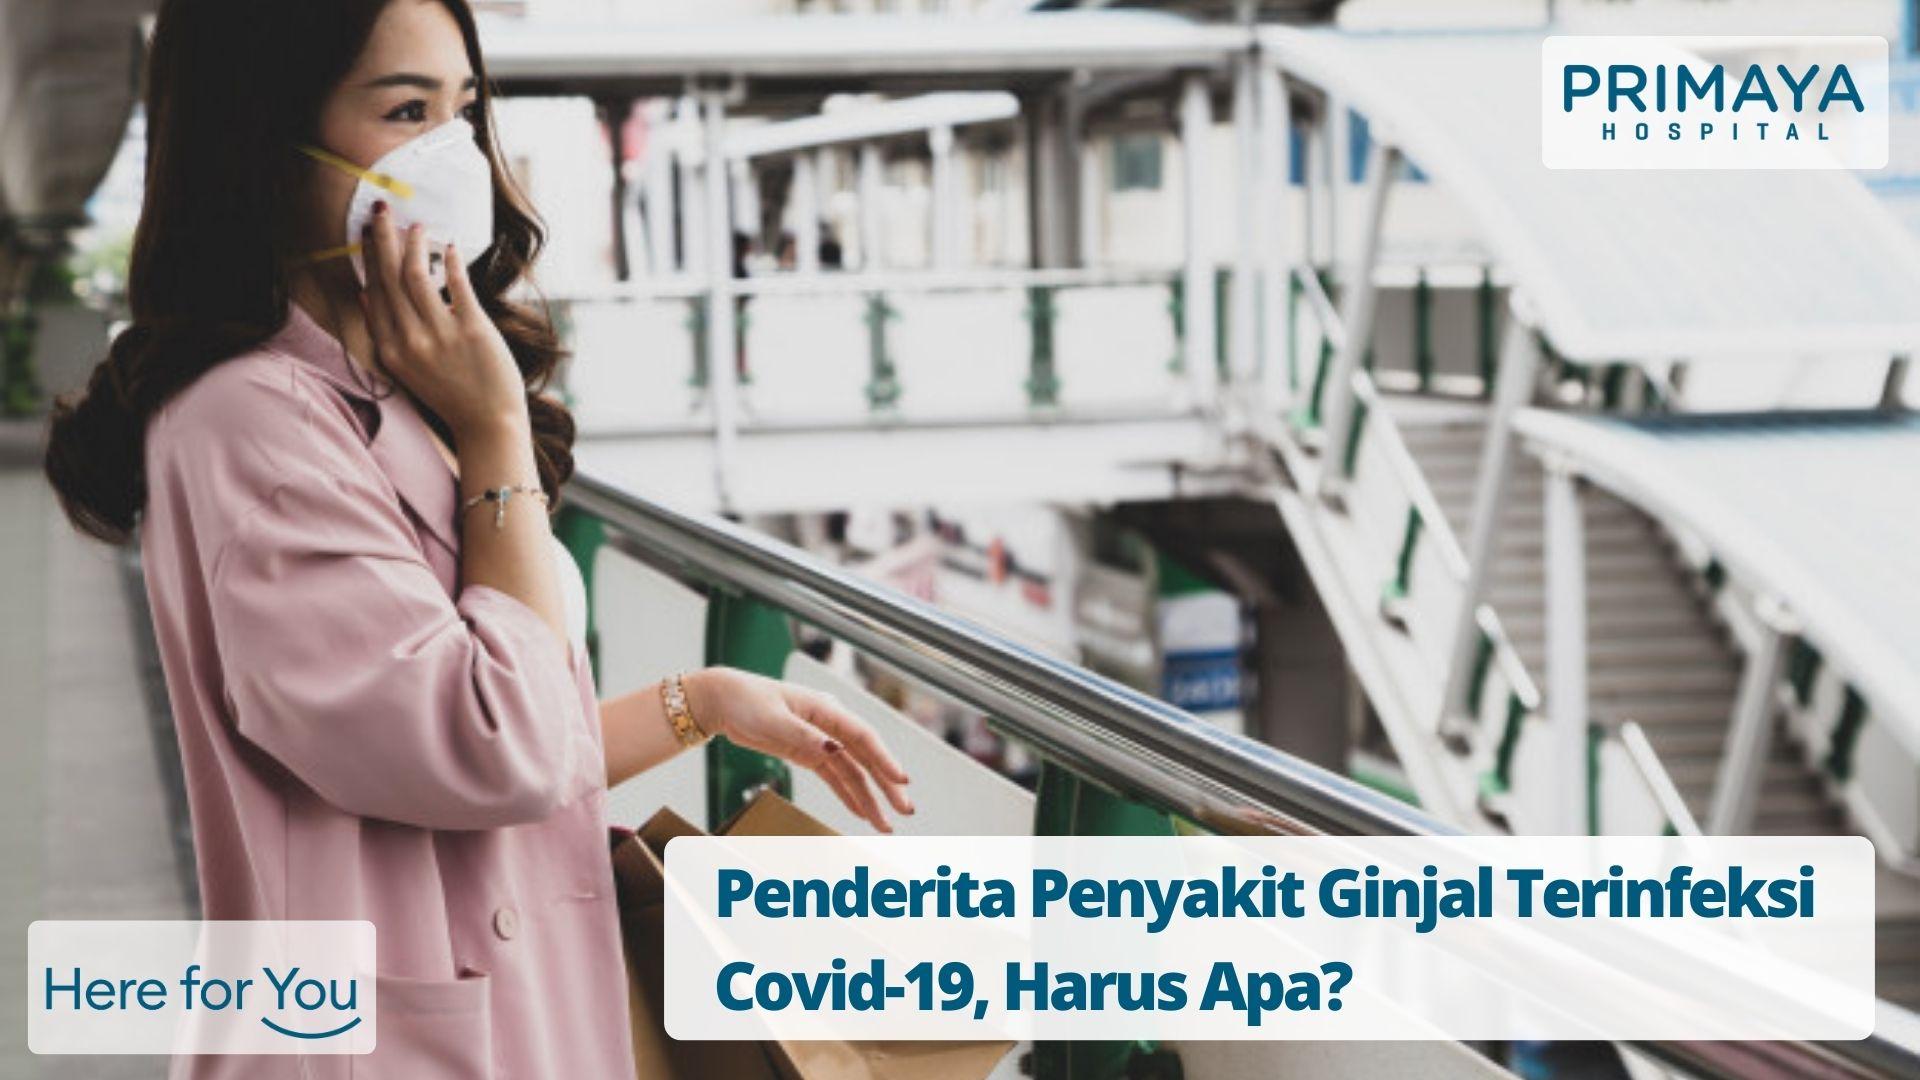 Penderita Penyakit Ginjal Terinfeksi Covid-19, Harus Apa?